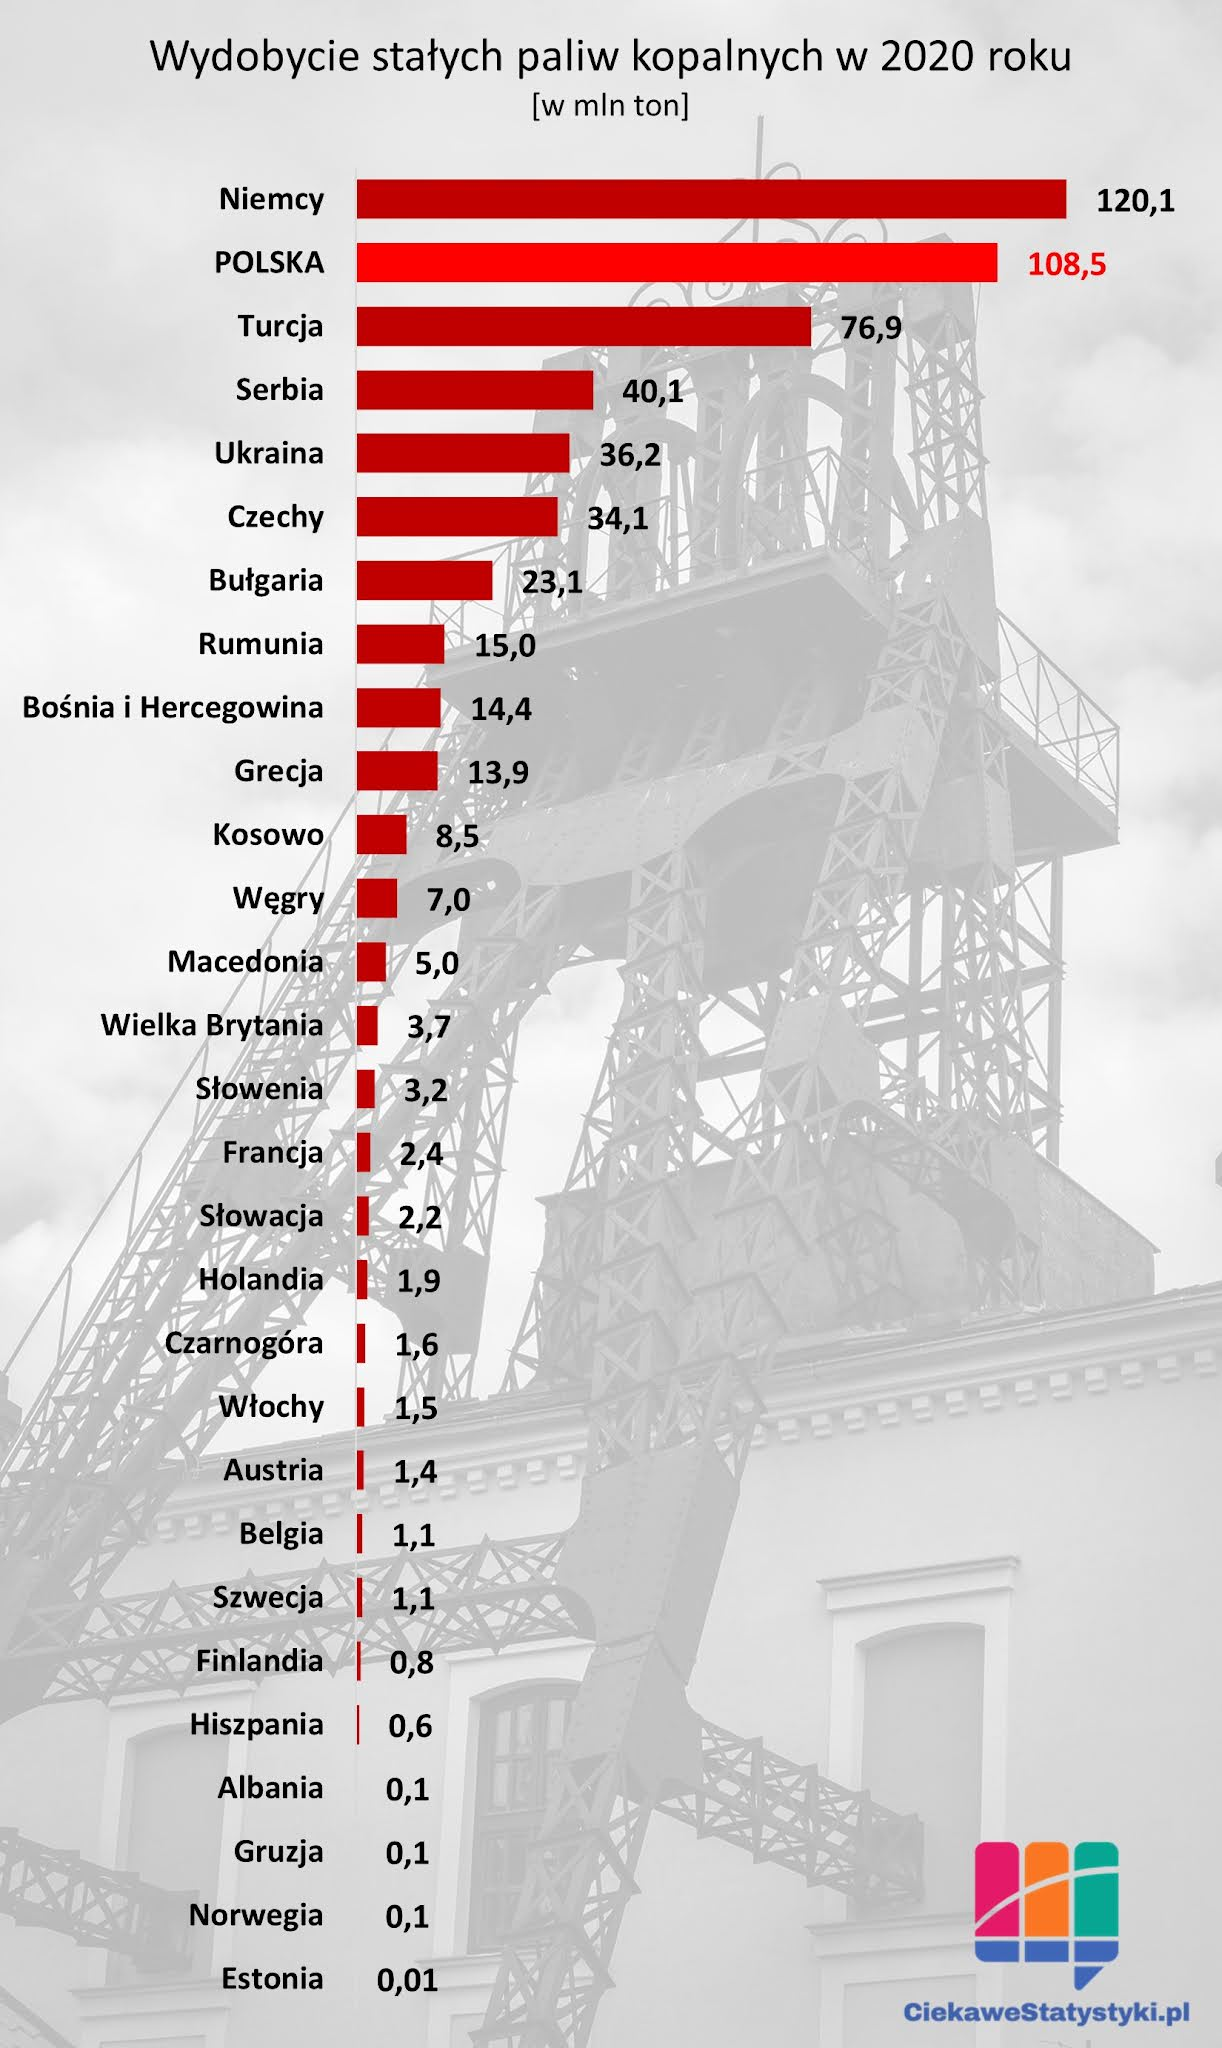 Ile paliw kopalnych wydobywa się w Polsce; statystyki wydobycia węgla